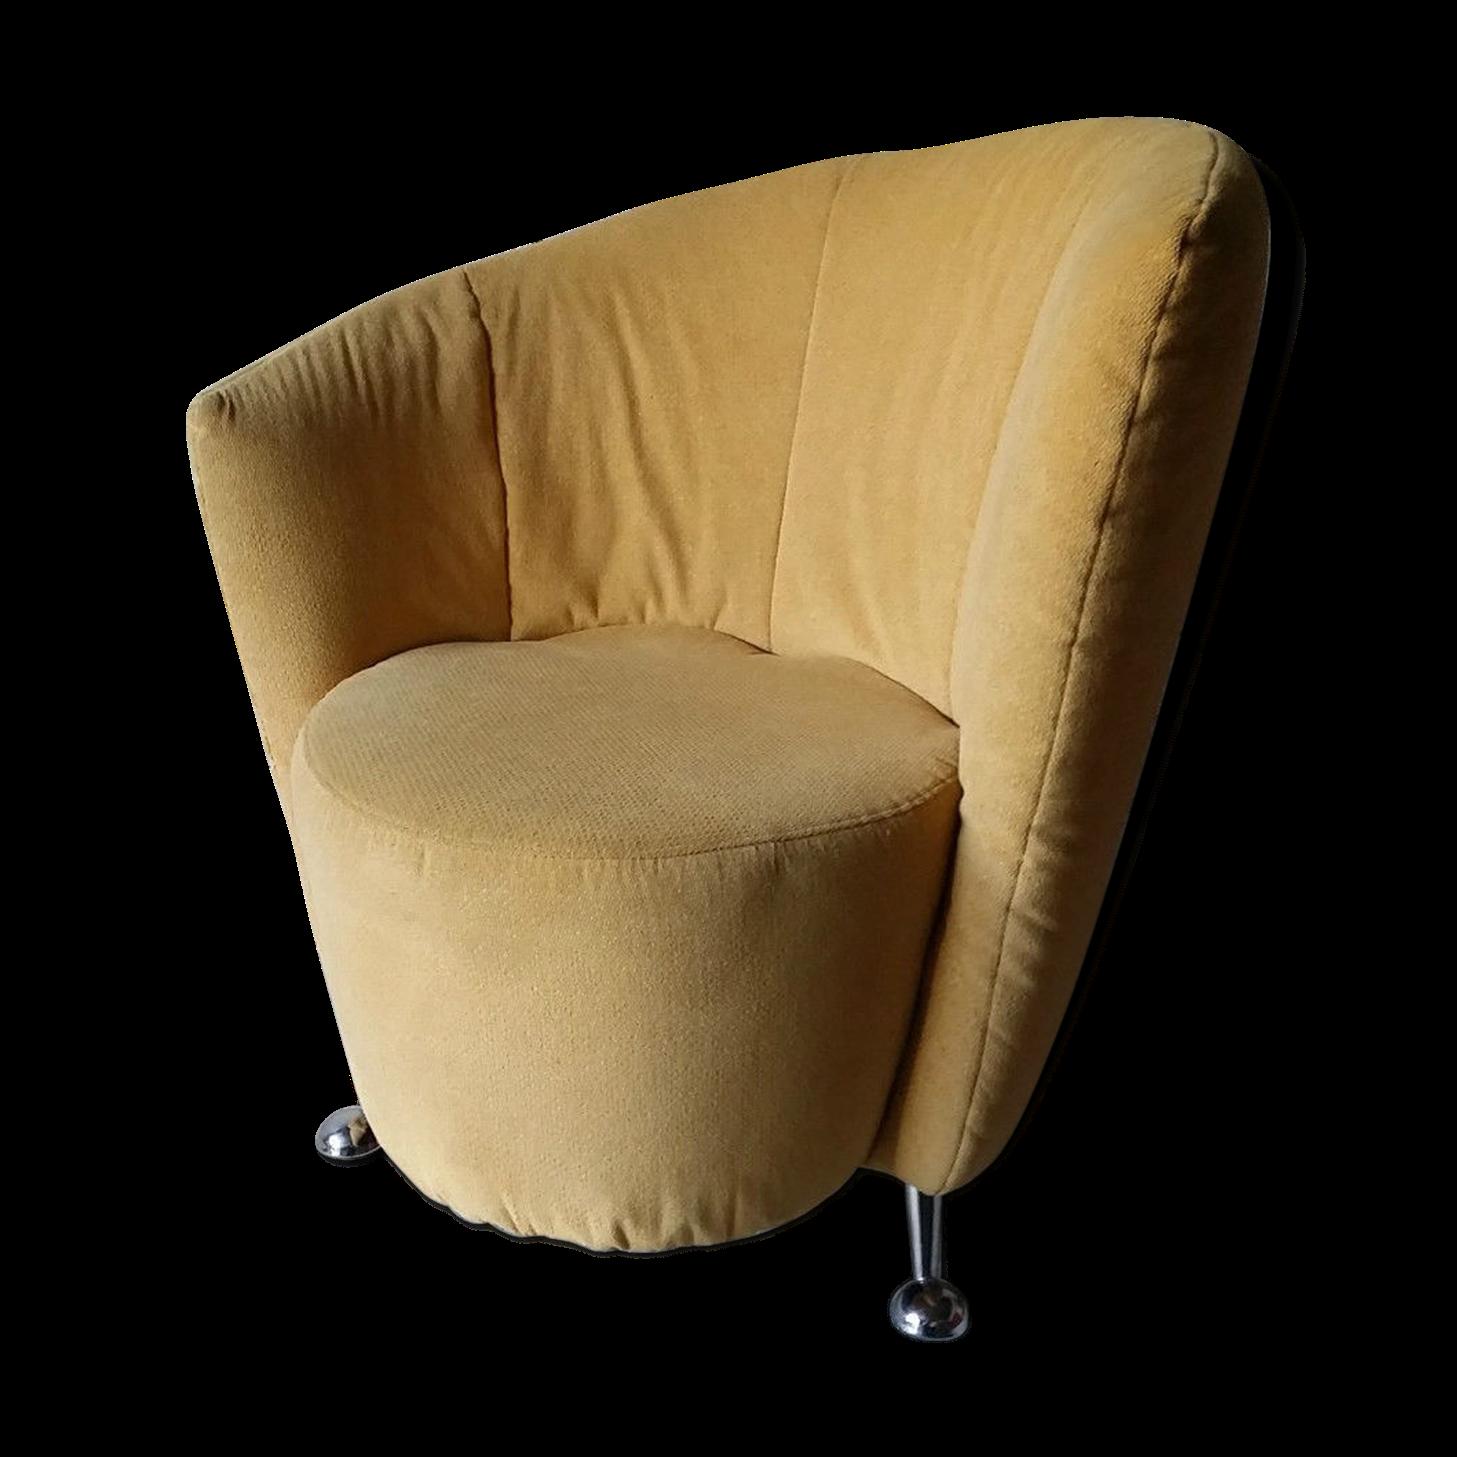 fauteuil roche bobois fauteuil lounge brio sacha lakic design pour la collection roche bobois. Black Bedroom Furniture Sets. Home Design Ideas